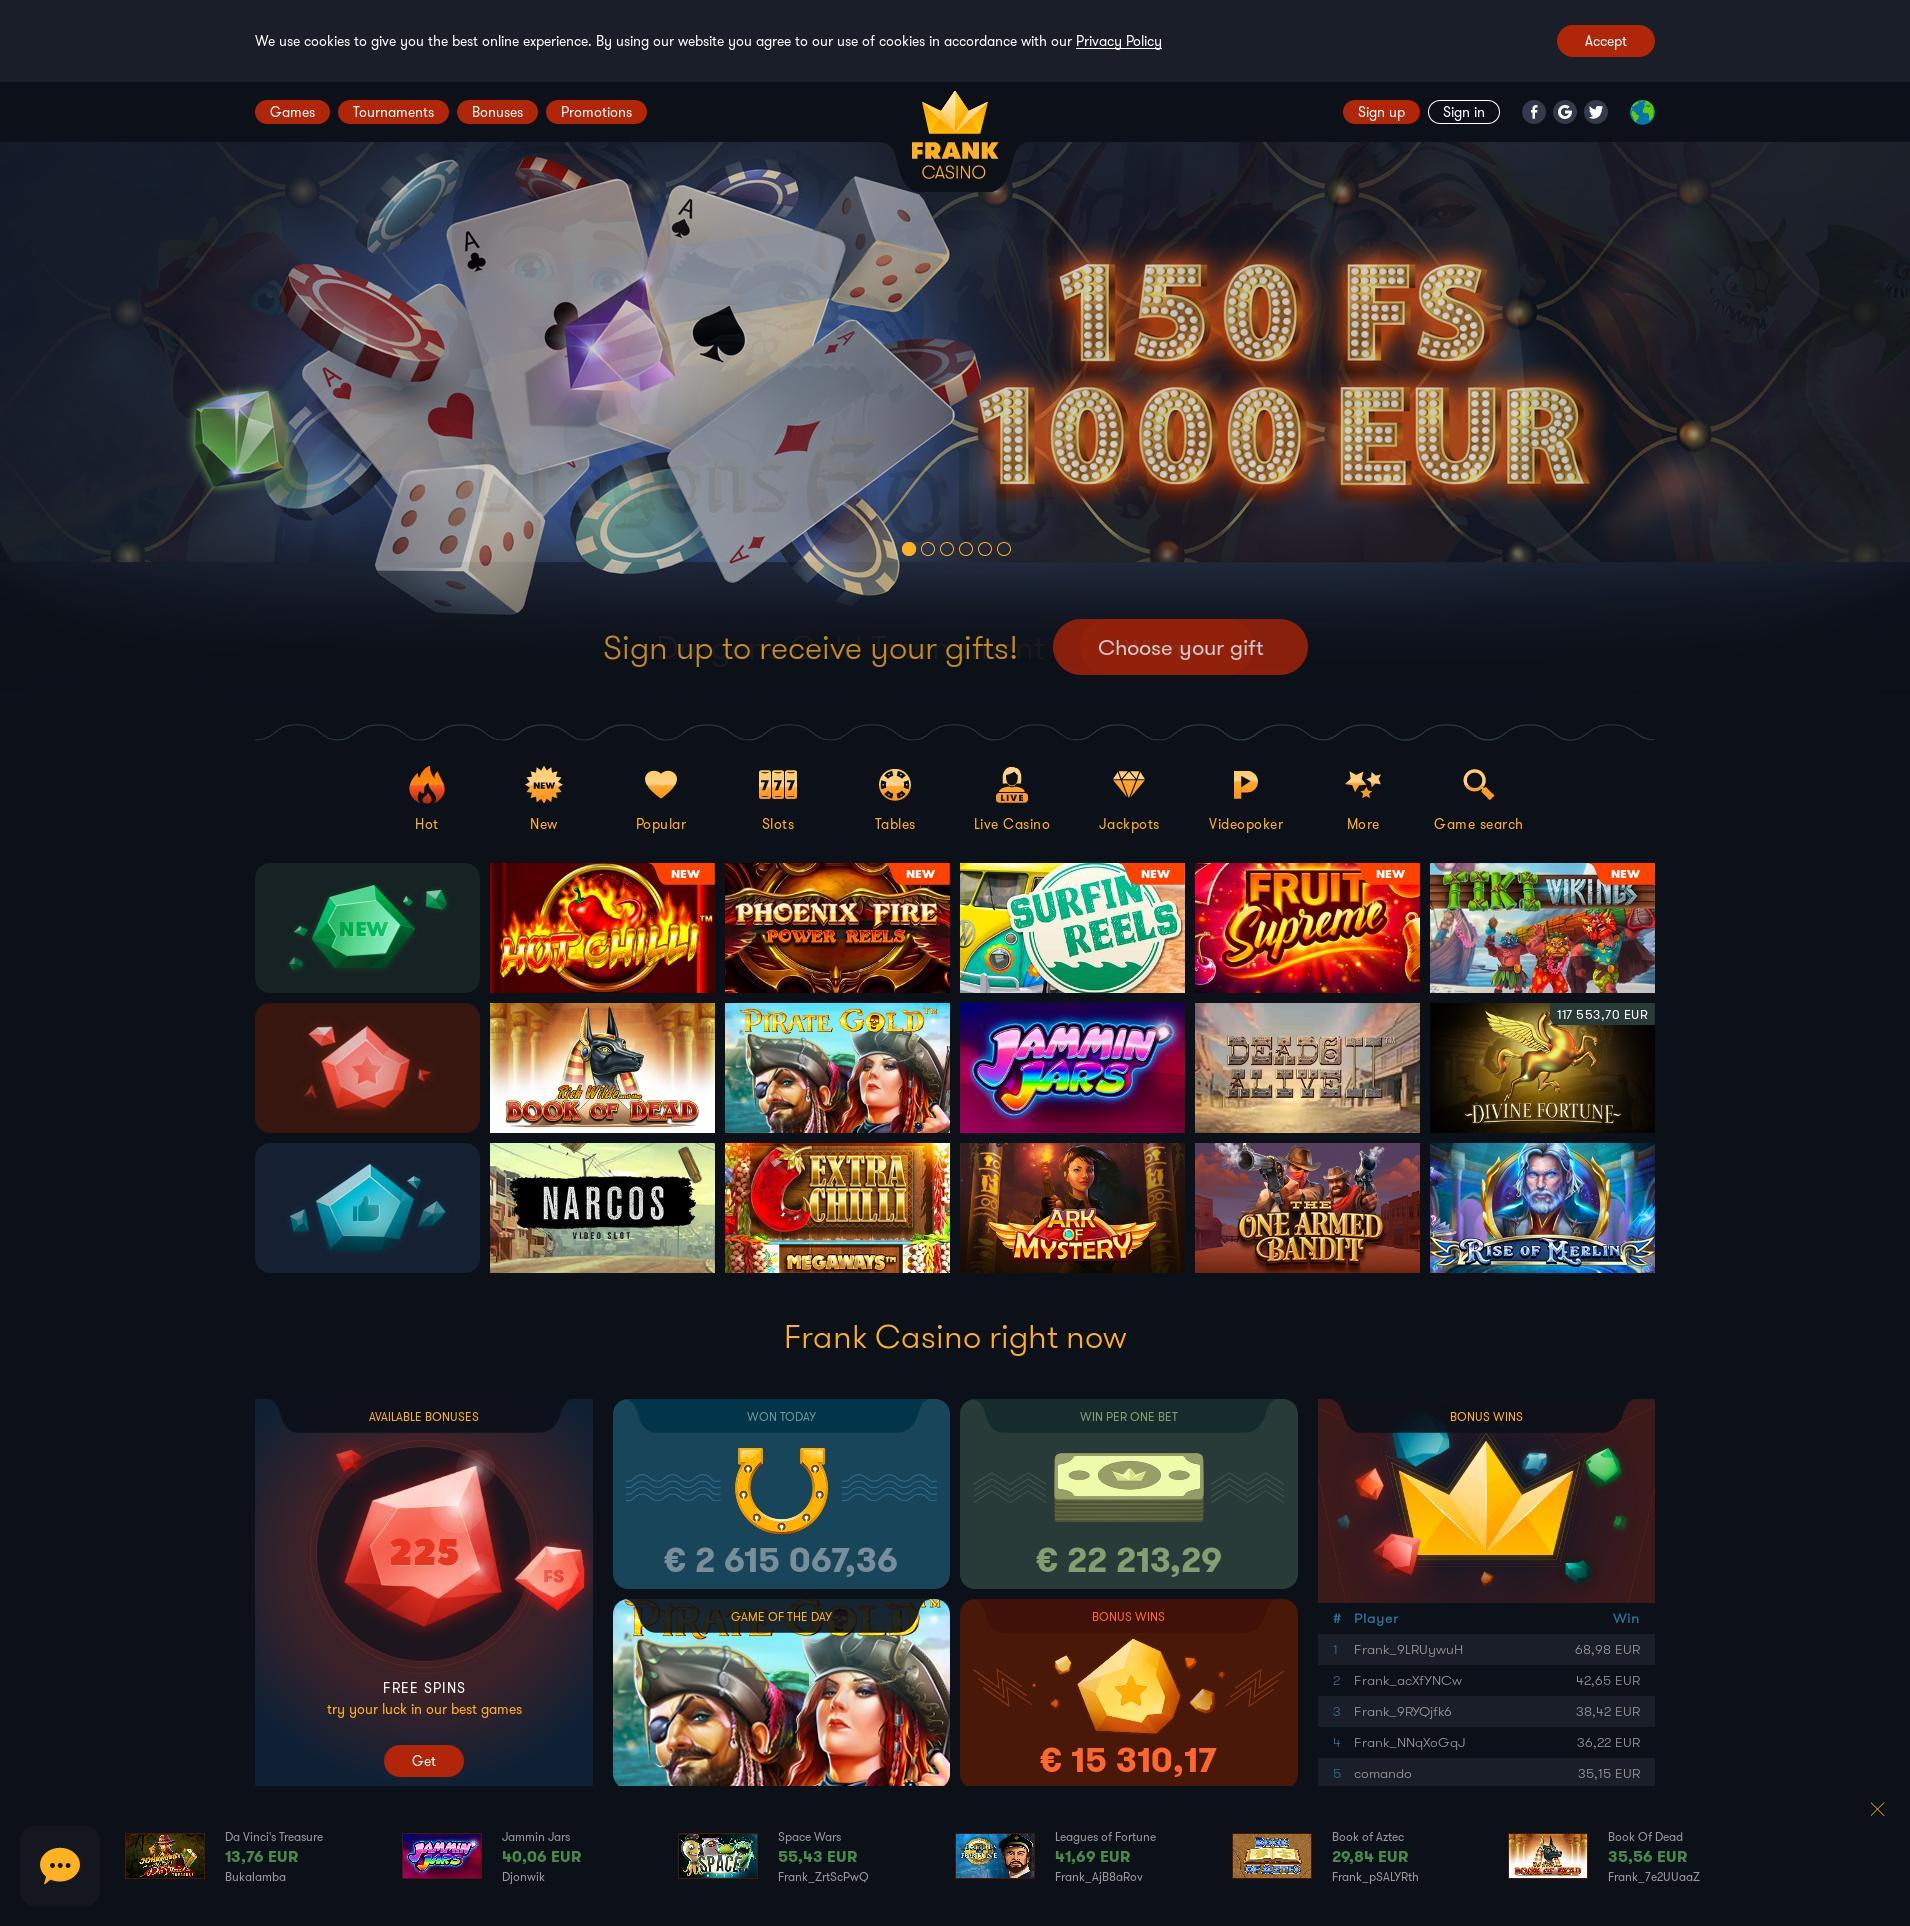 франк казино официальный сайт играть